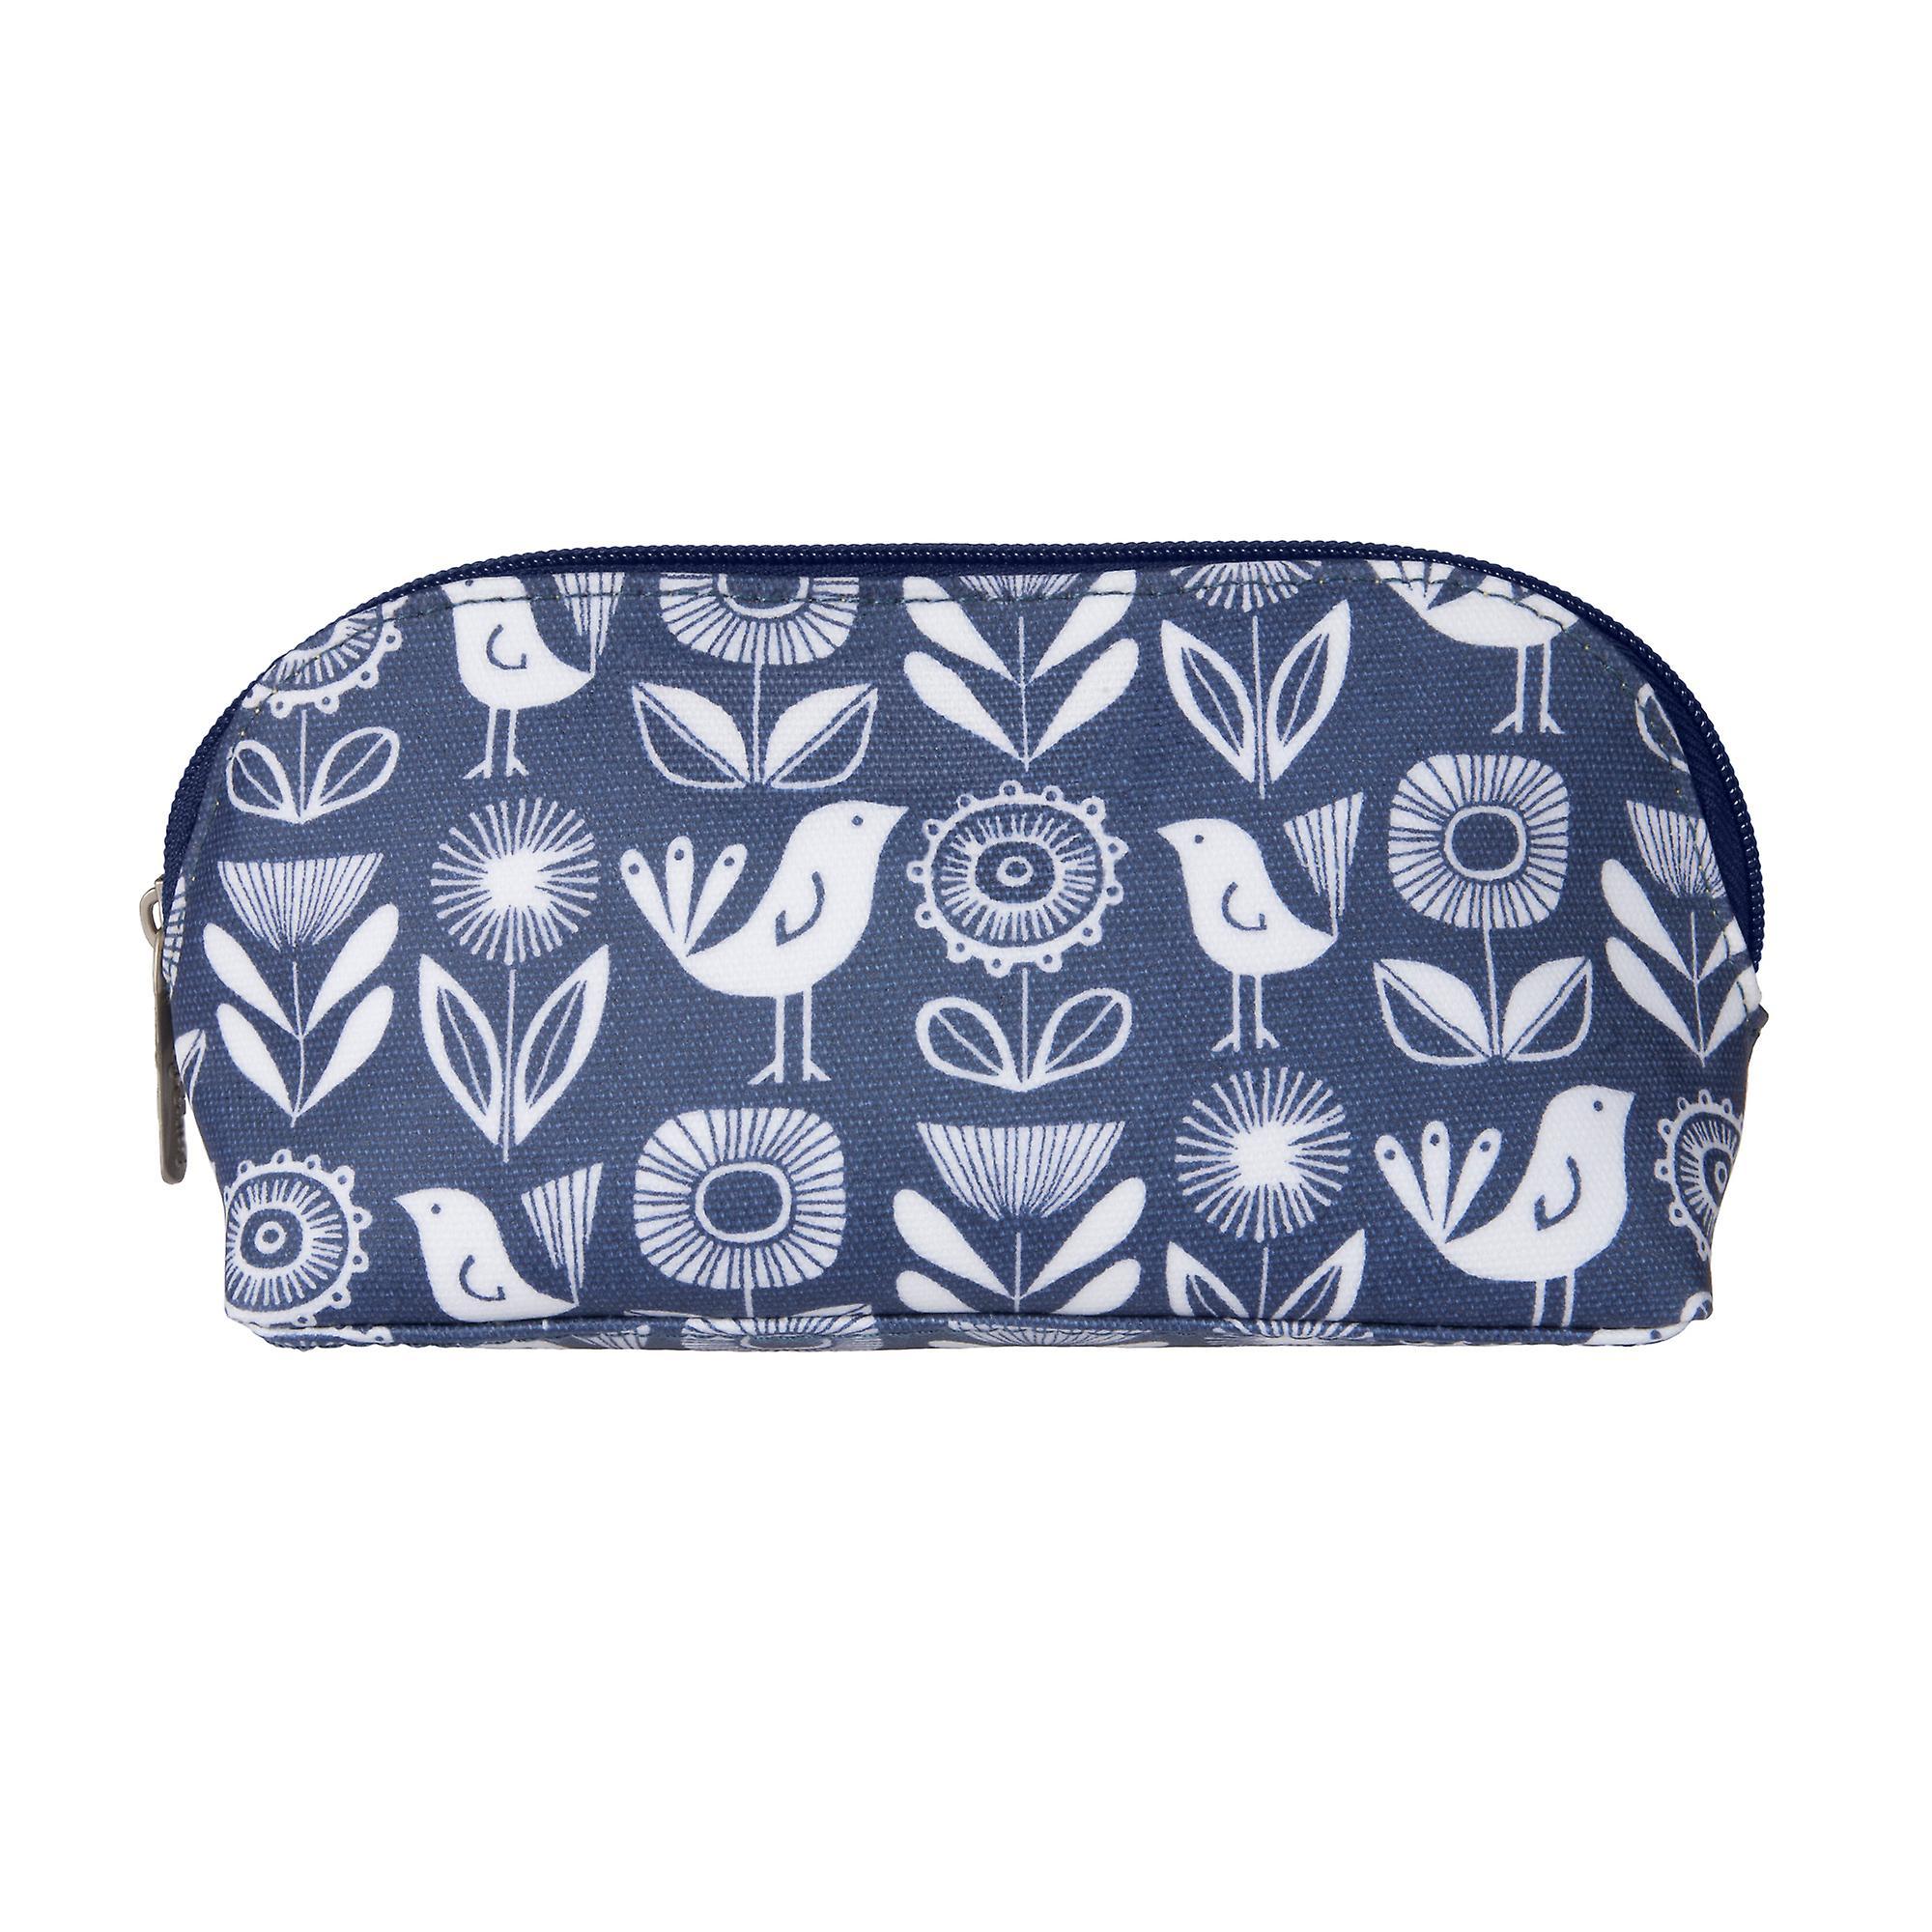 Nicky James Paper Flower Make-up Bag